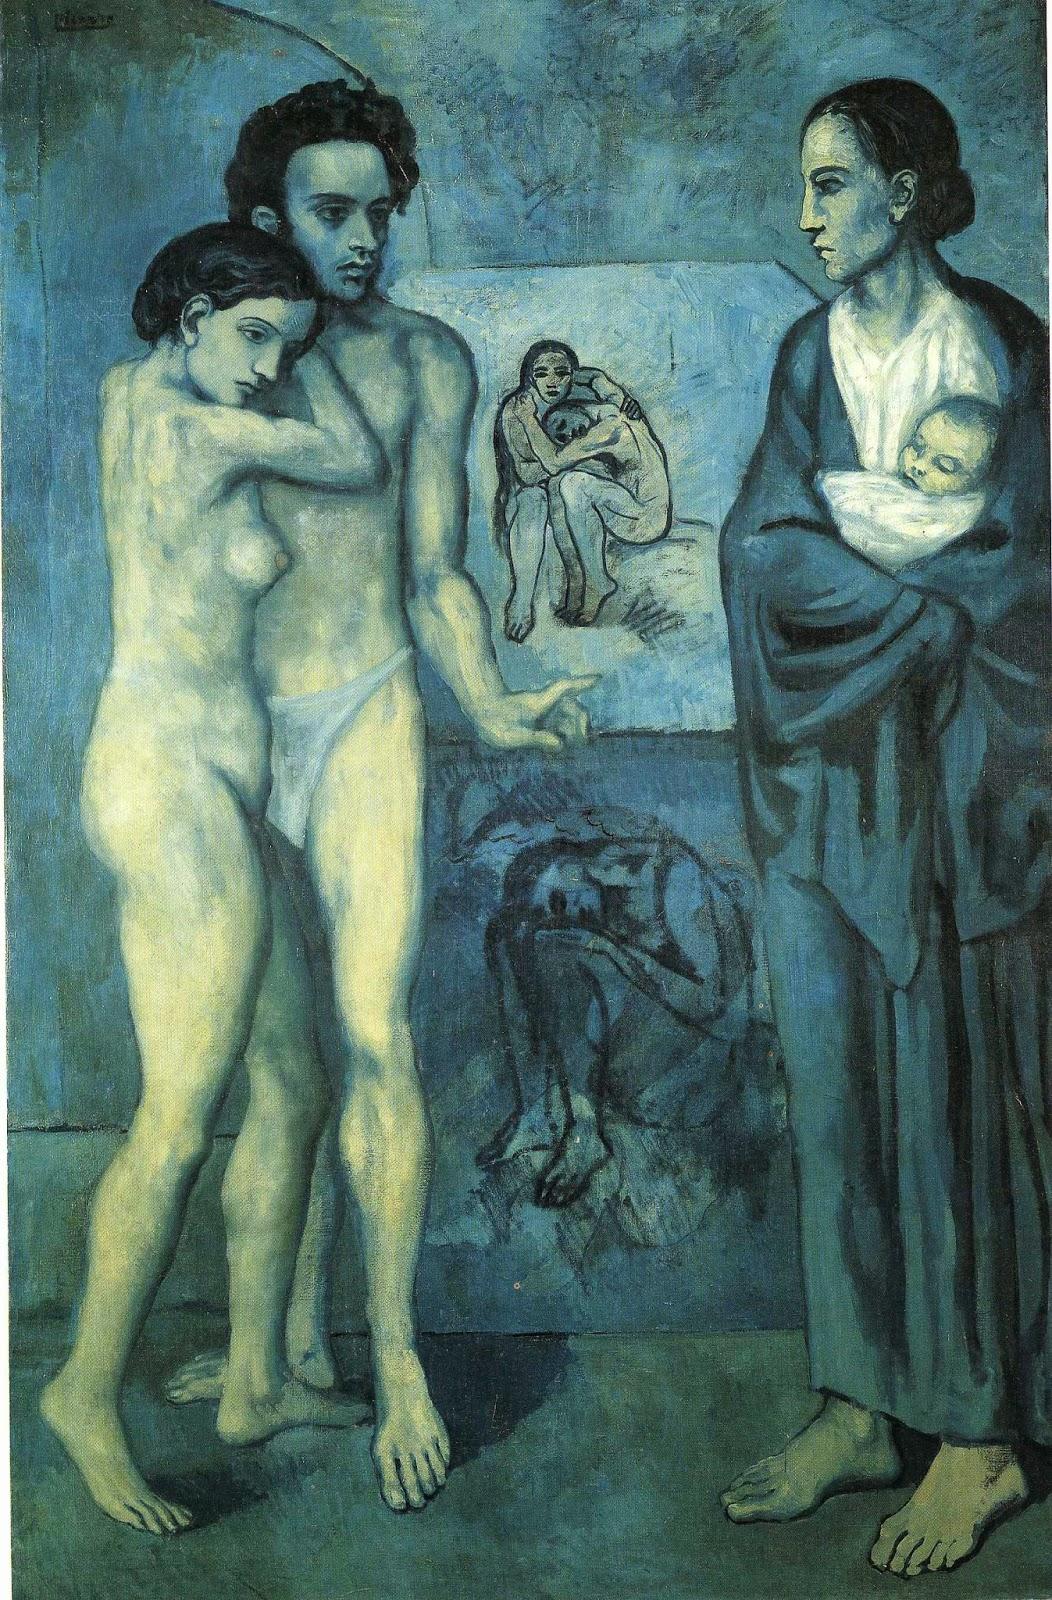 Vida - Picasso e suas pinturas ~ O maior expoente da Arte Moderna